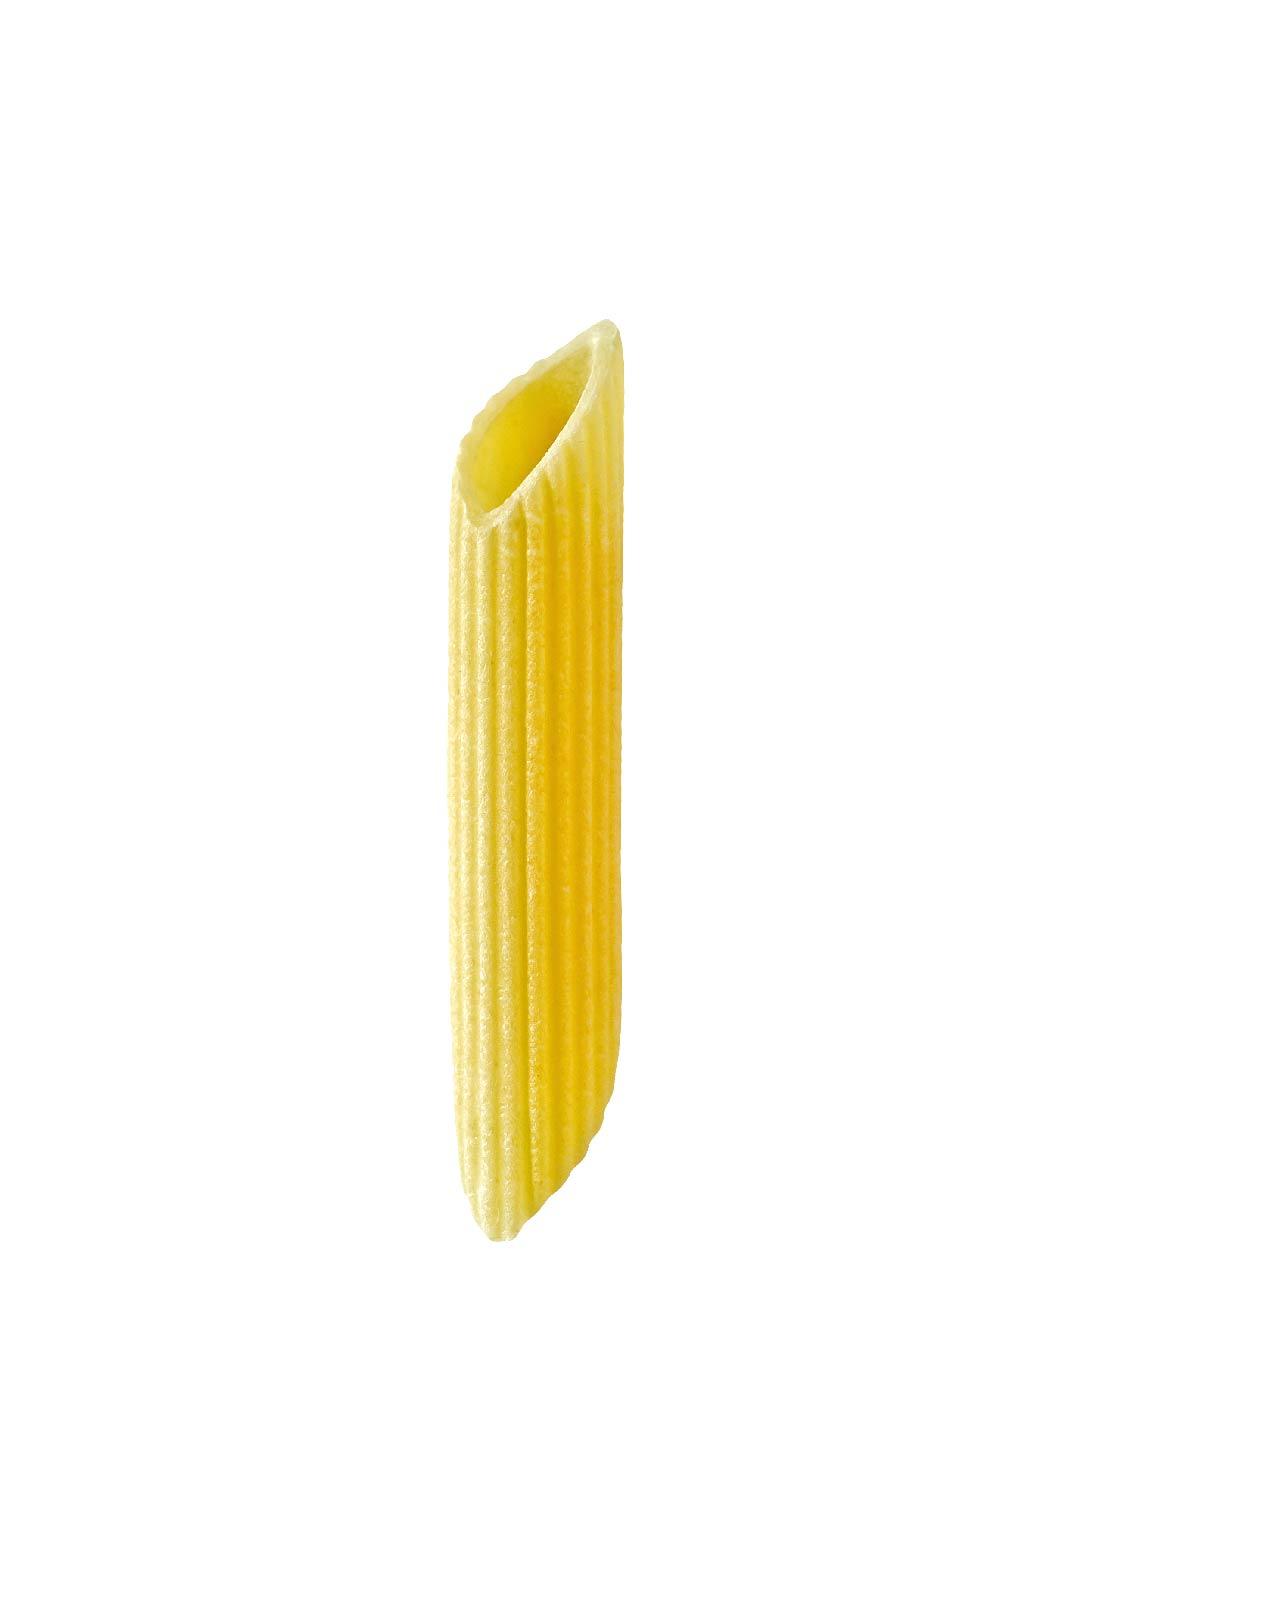 Penne Rigate Bronzo n° 163